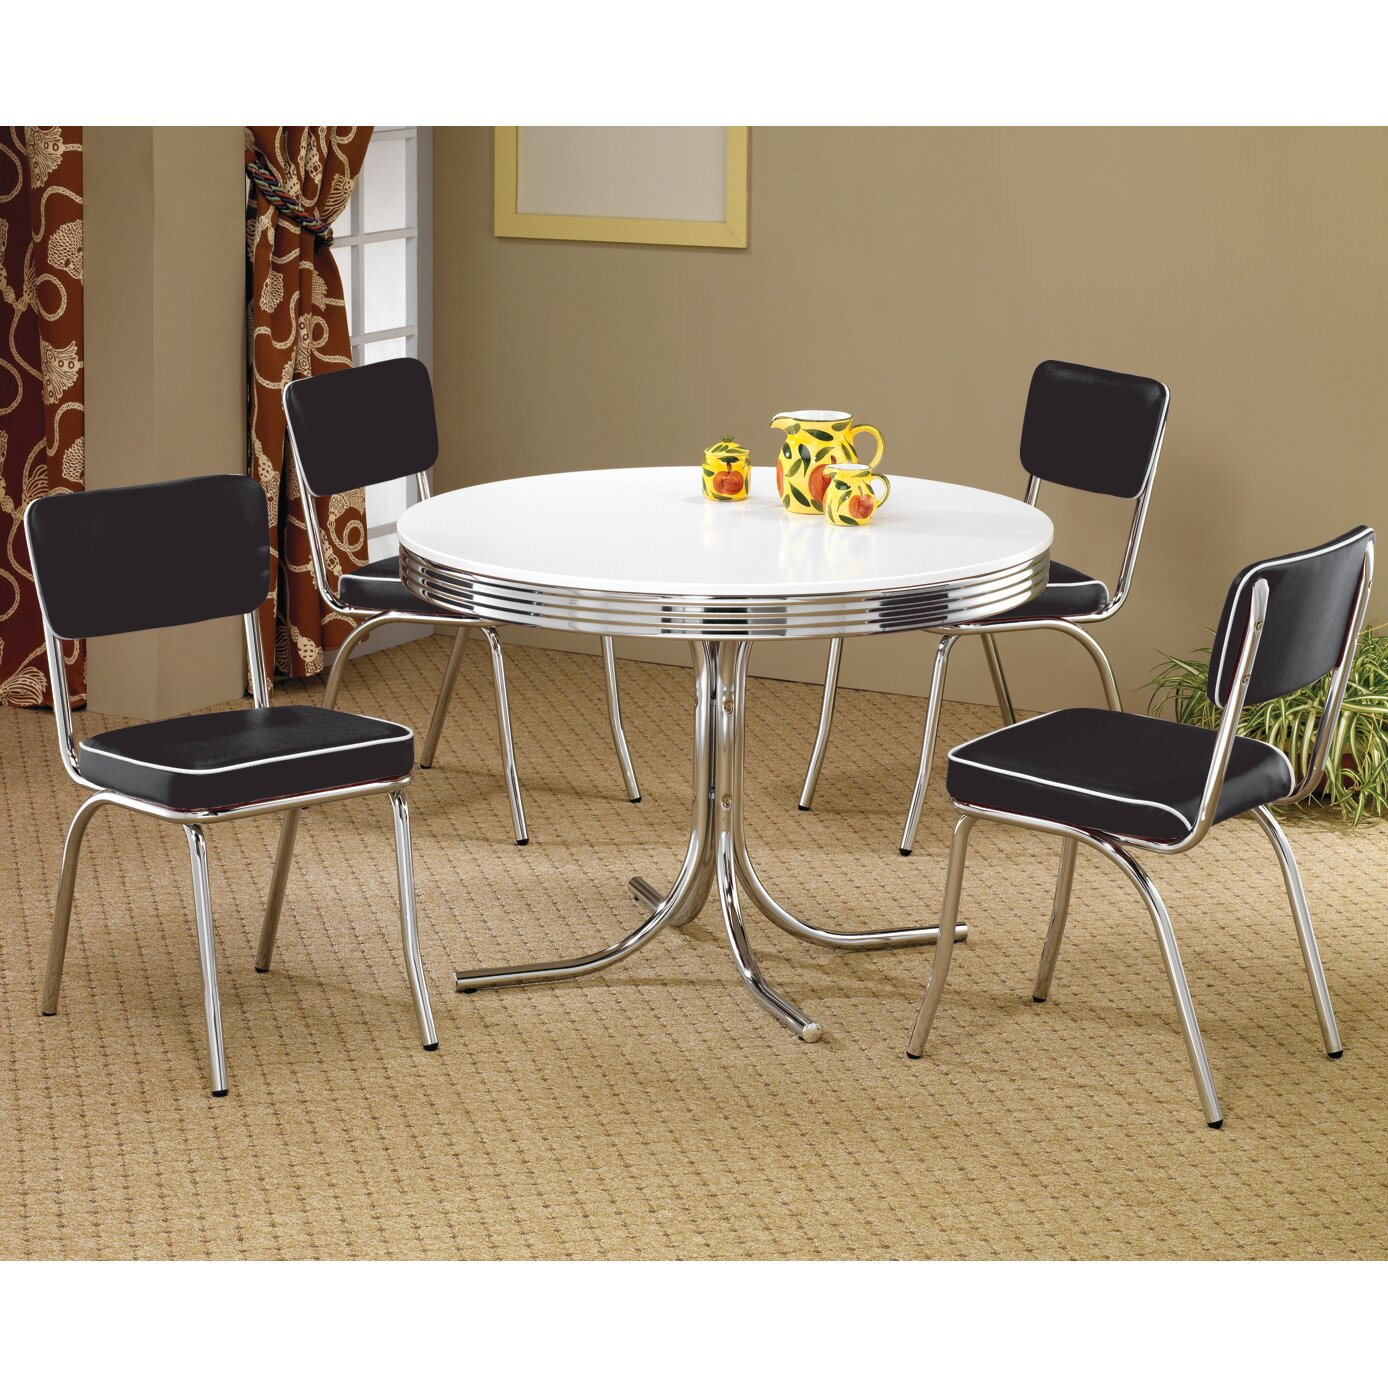 Wildon home peyton retro dining table reviews wayfair for Wildon home dining